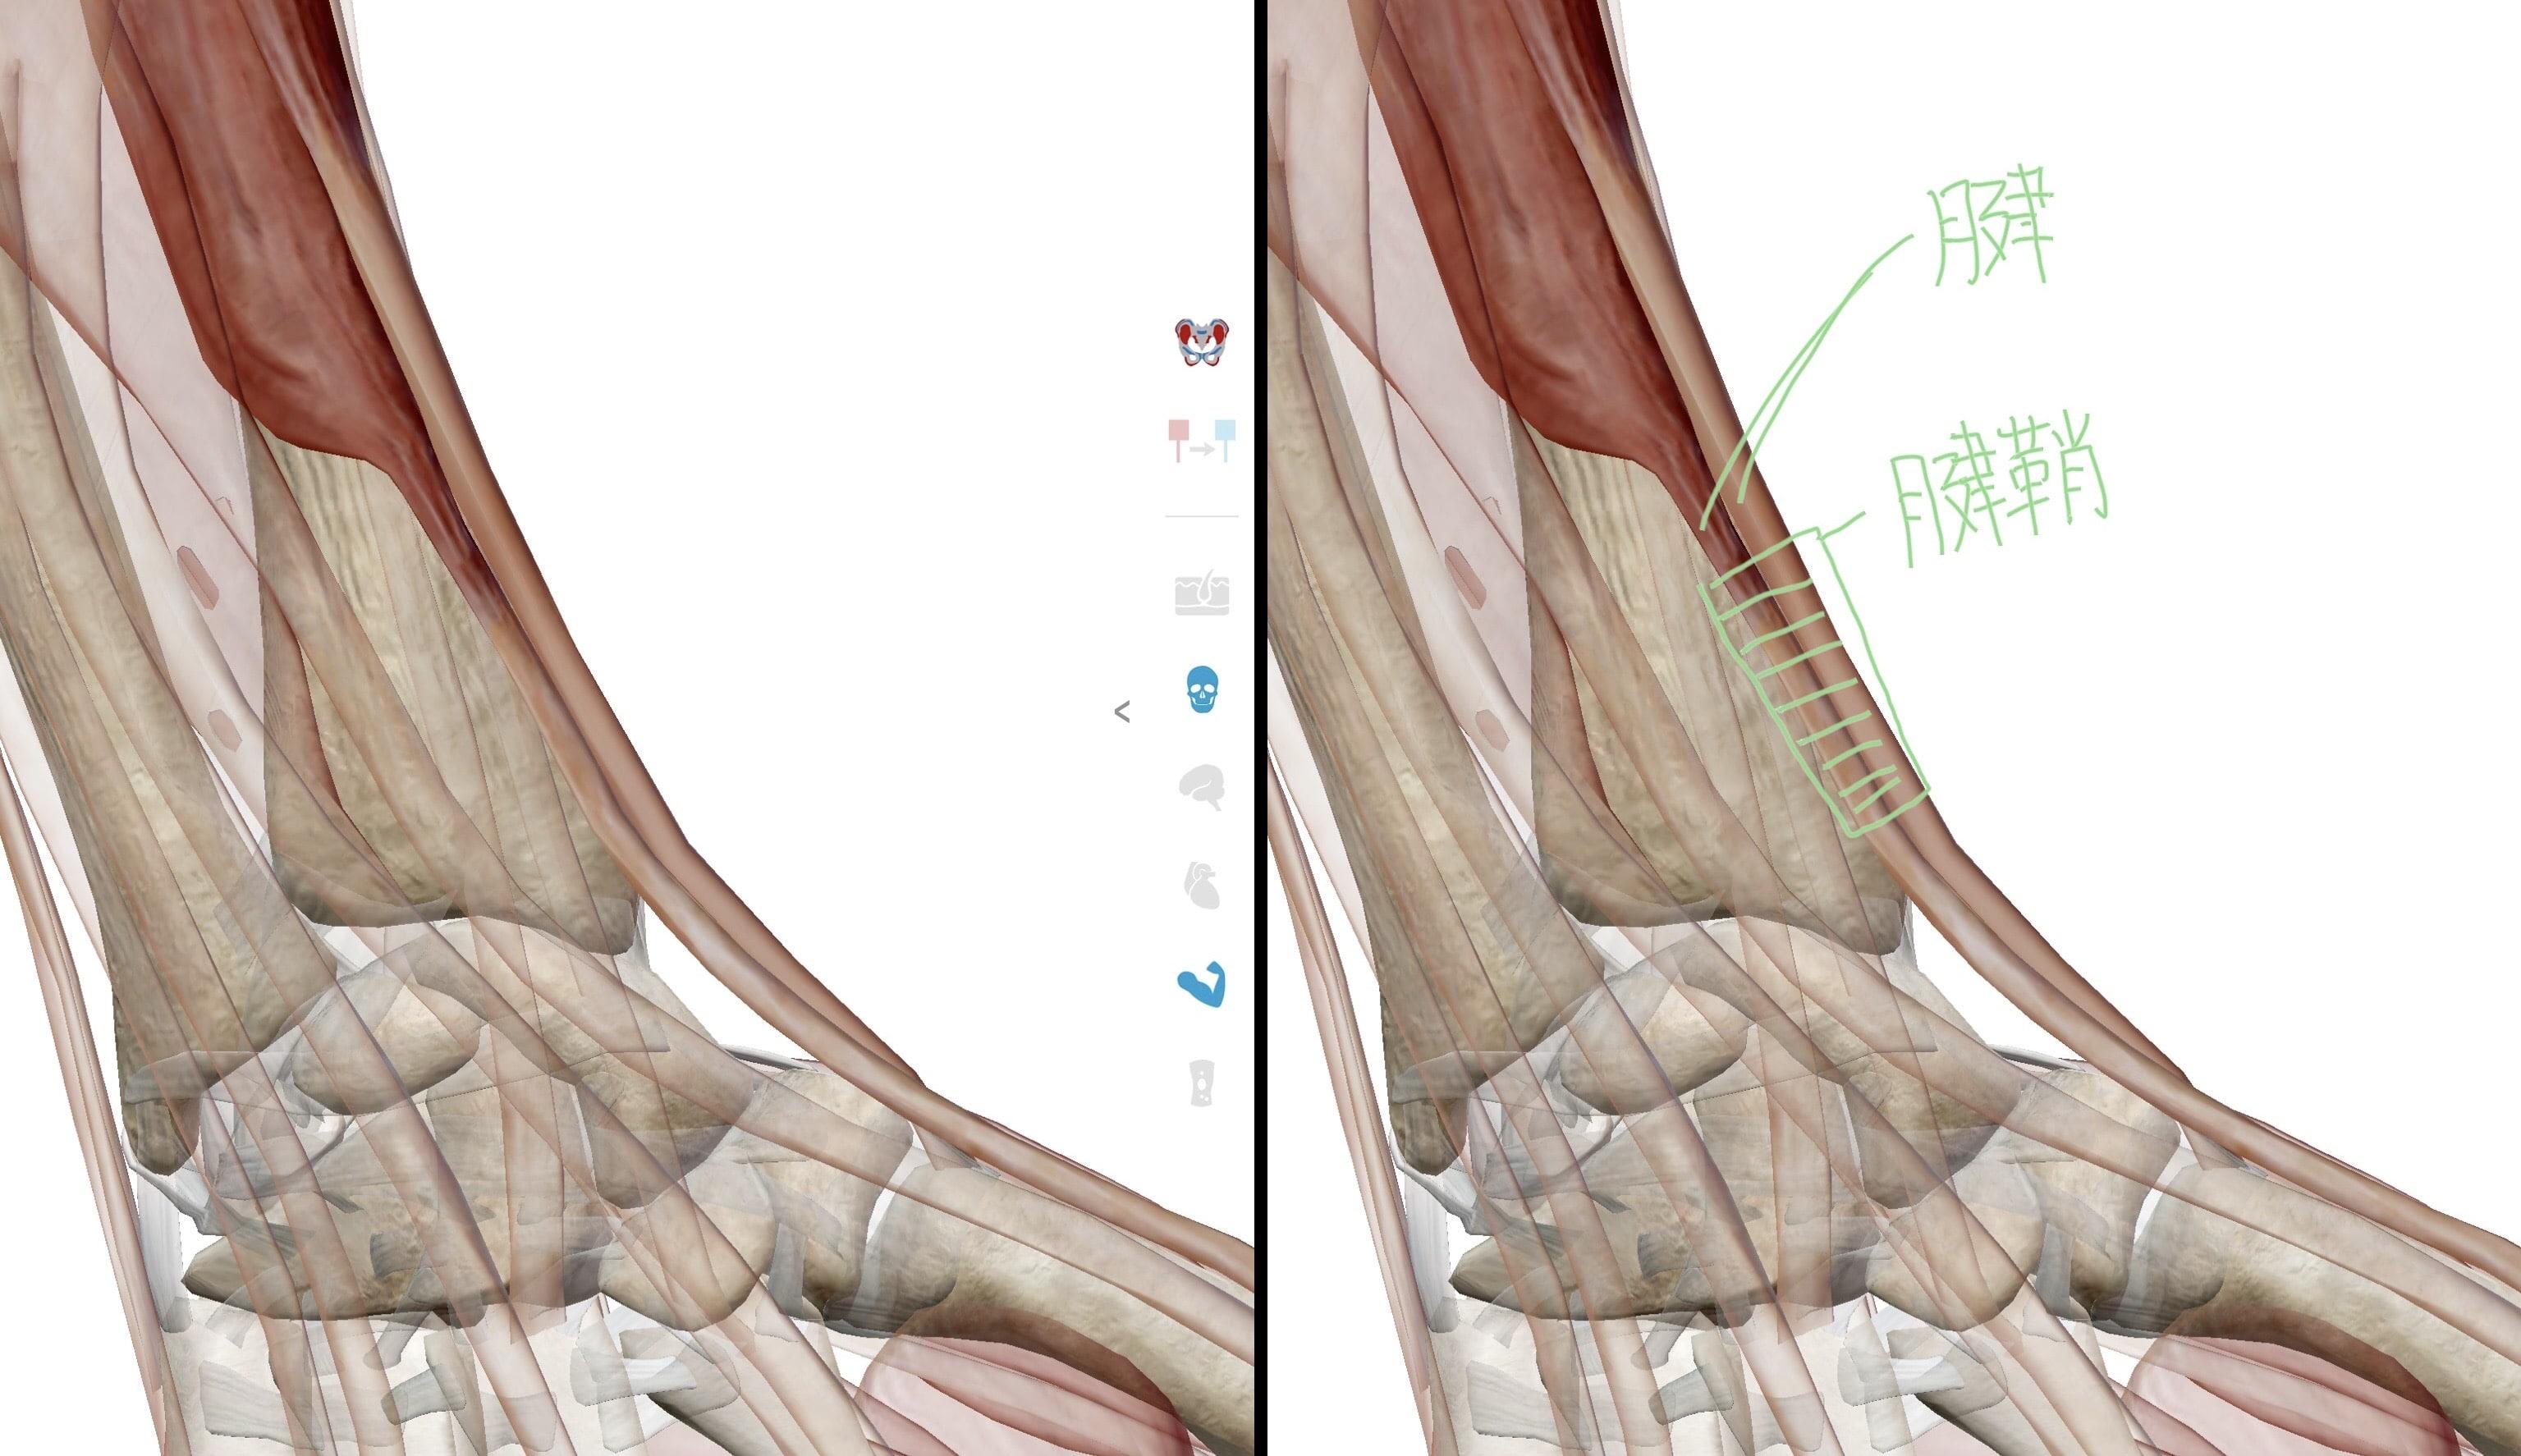 長母指外転筋と短母指伸筋の腱と腱鞘の図